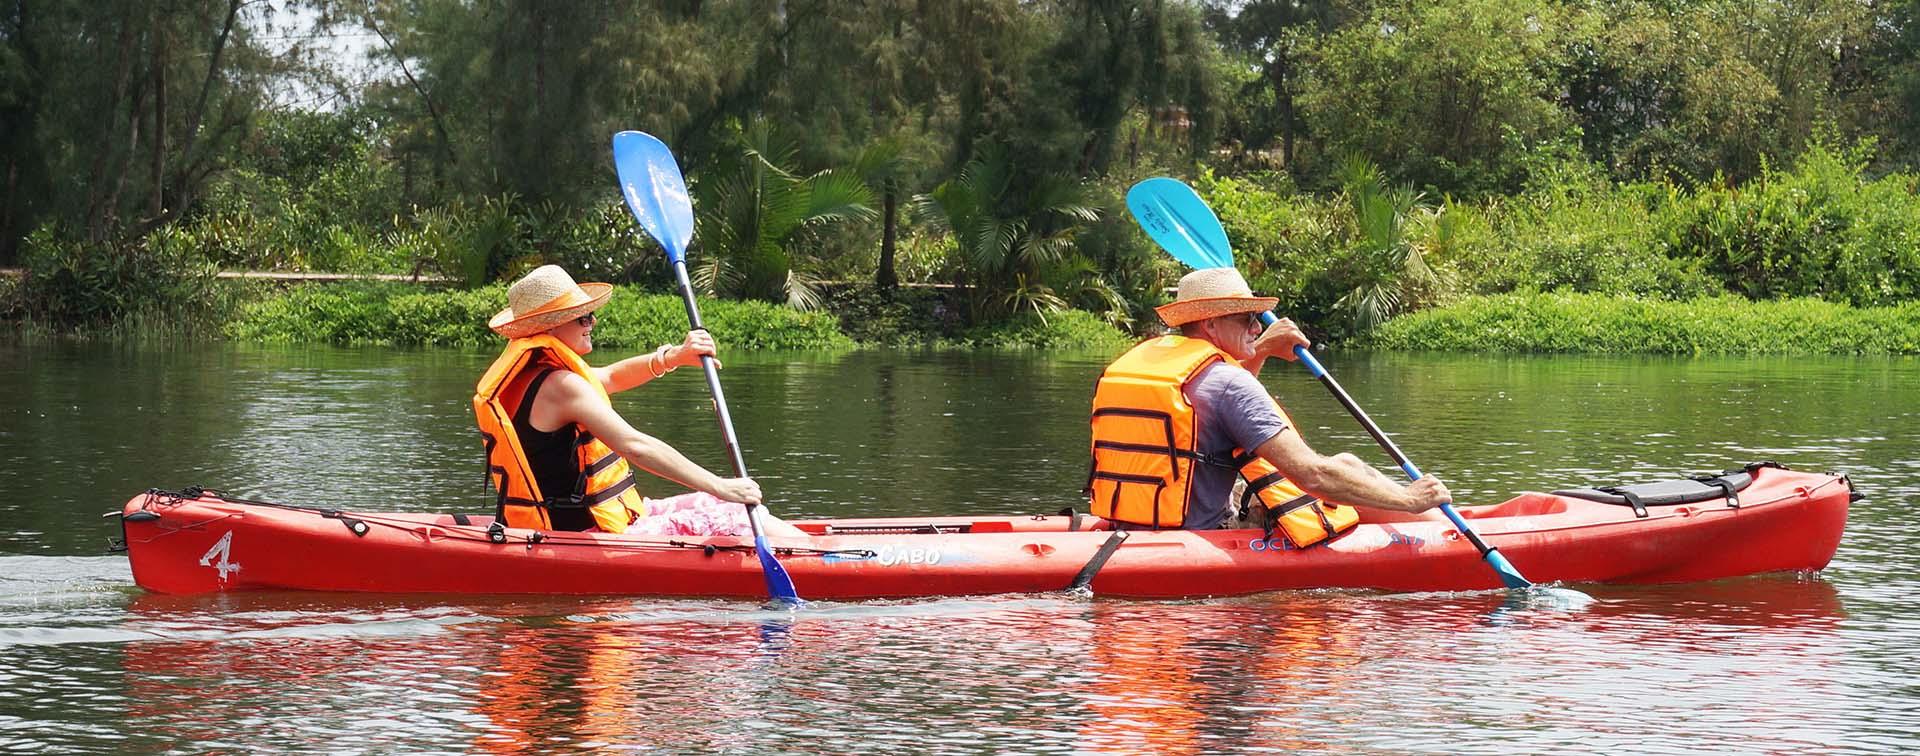 Vinhomes Grand Park - Cheo Thuyen Kayak